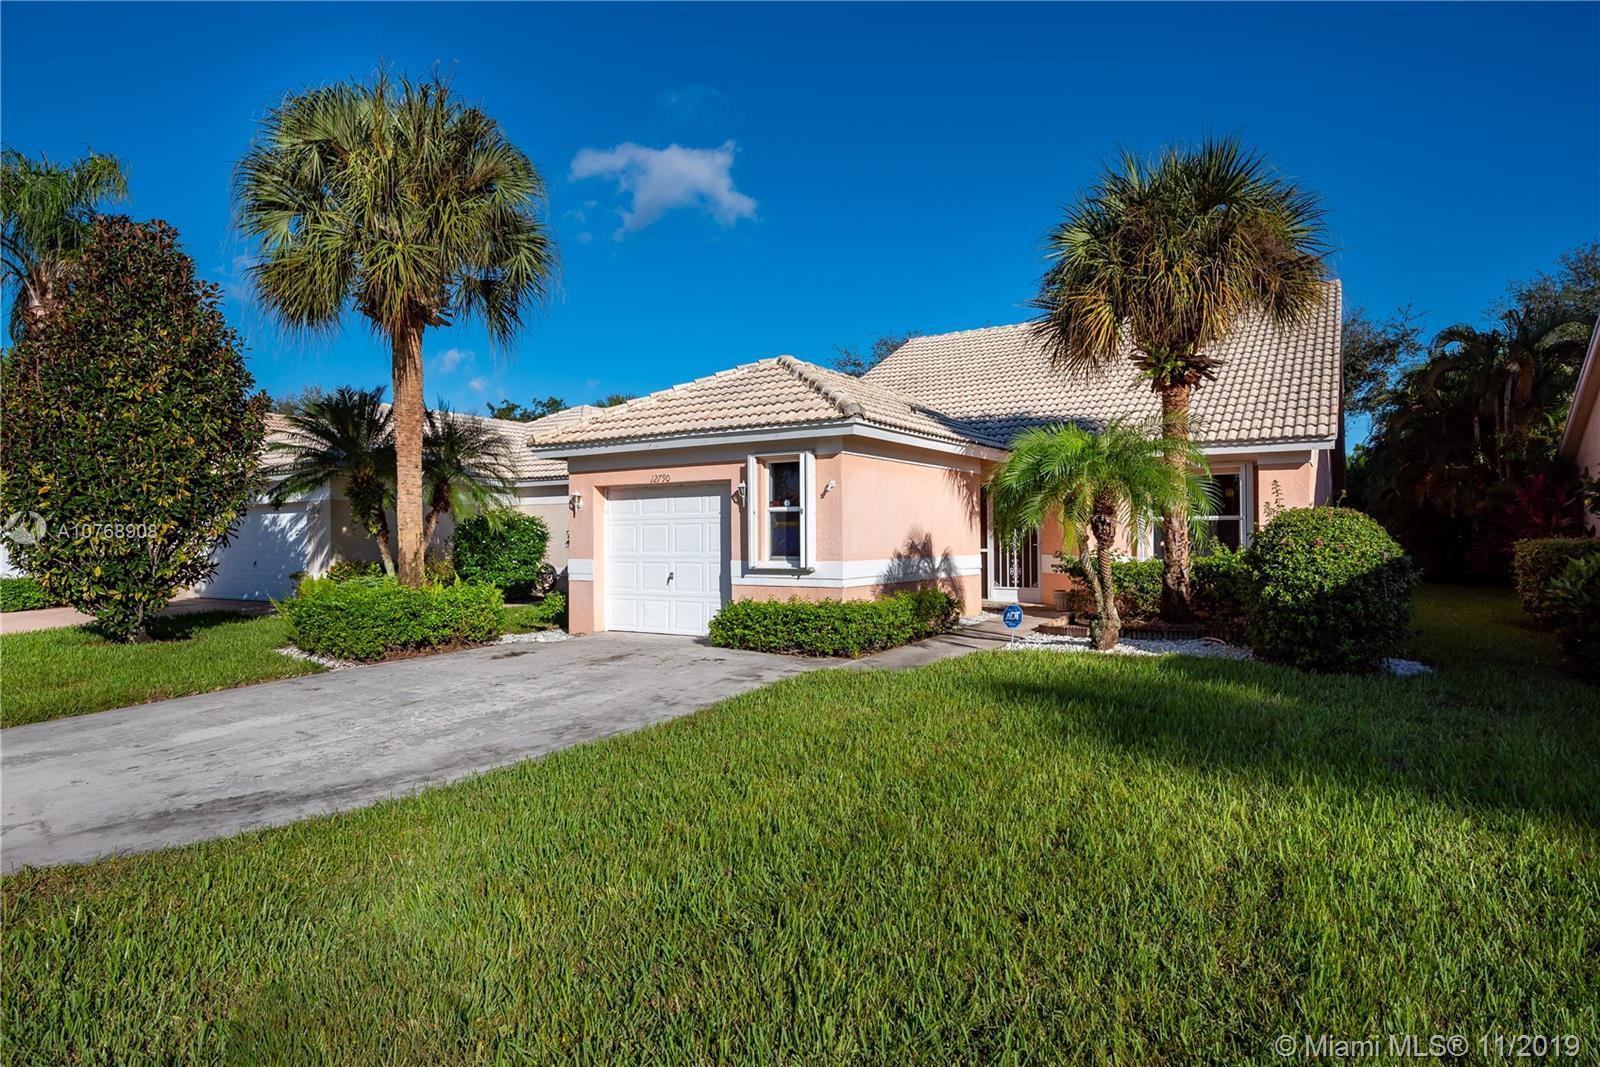 12790 Hampton Lakes Cir, Boynton Beach, FL 33436